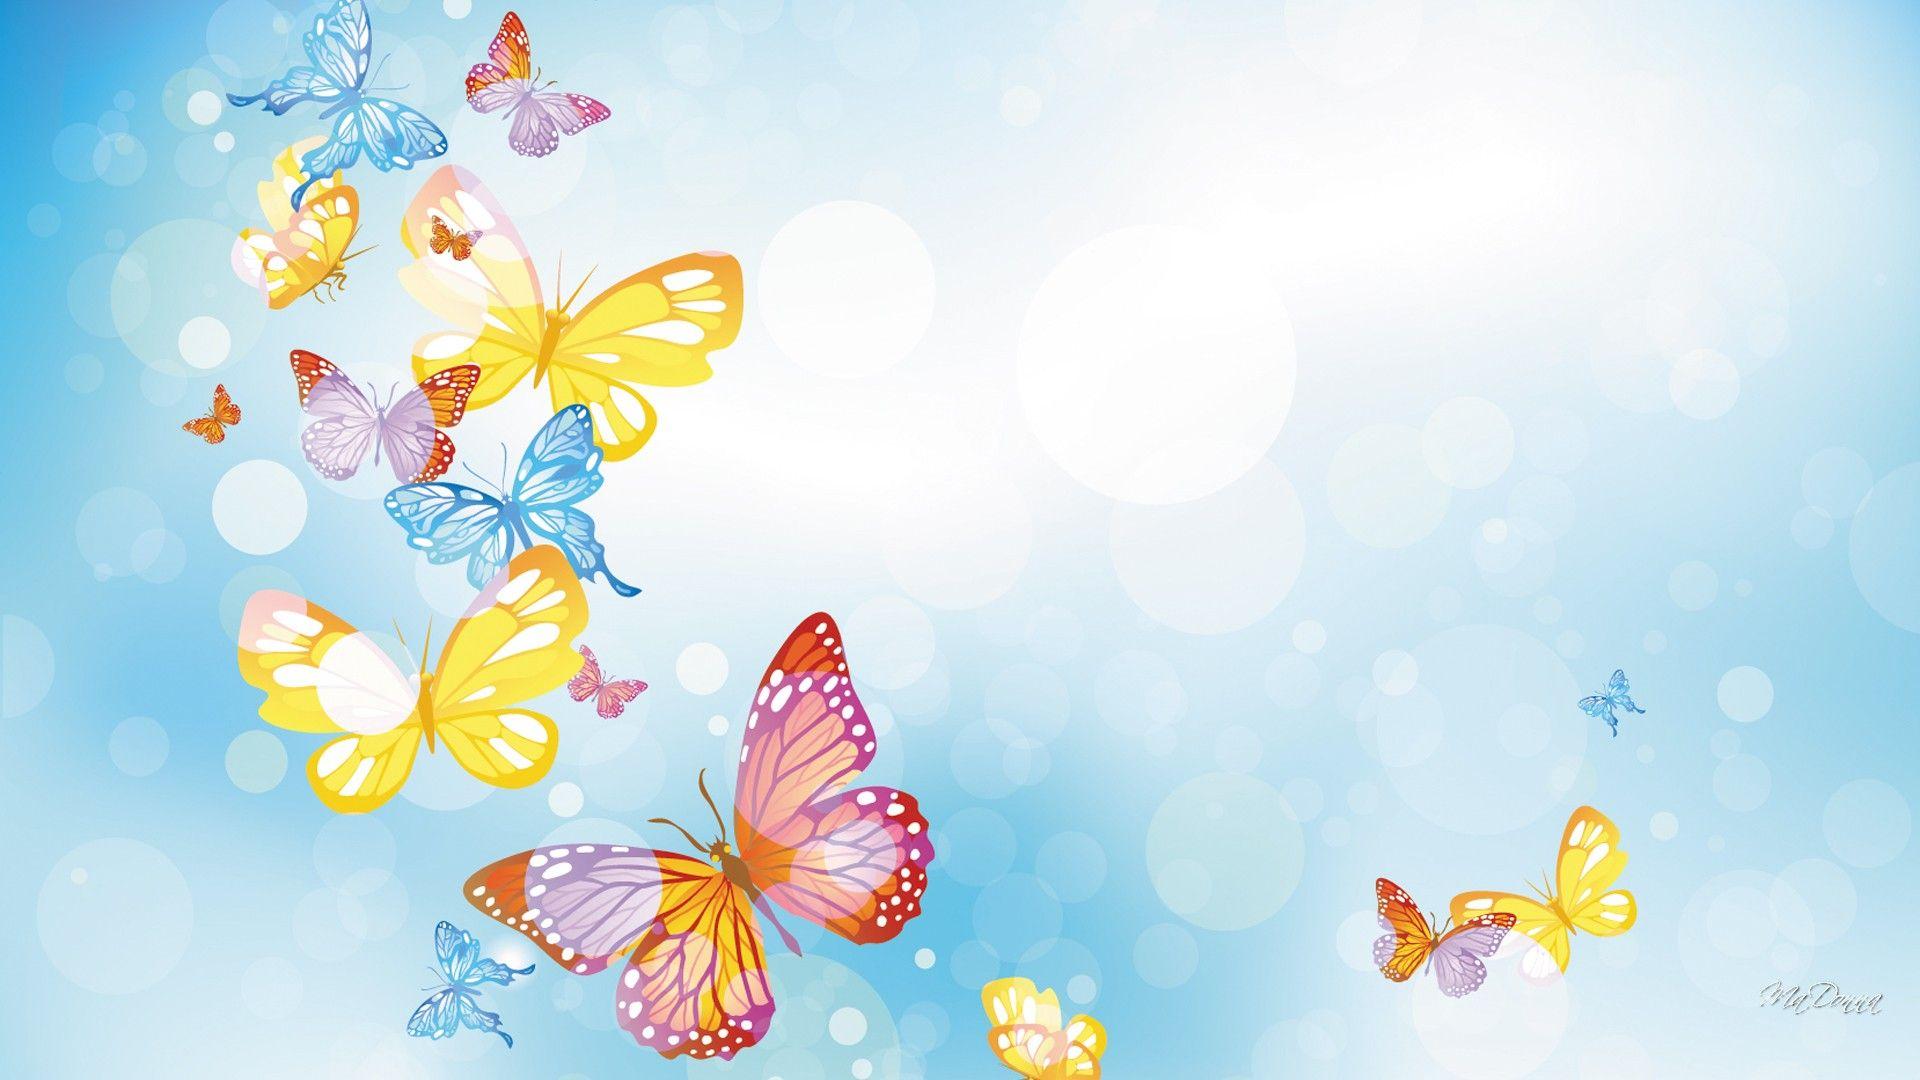 butterflies many hd desktop background wallpaper free